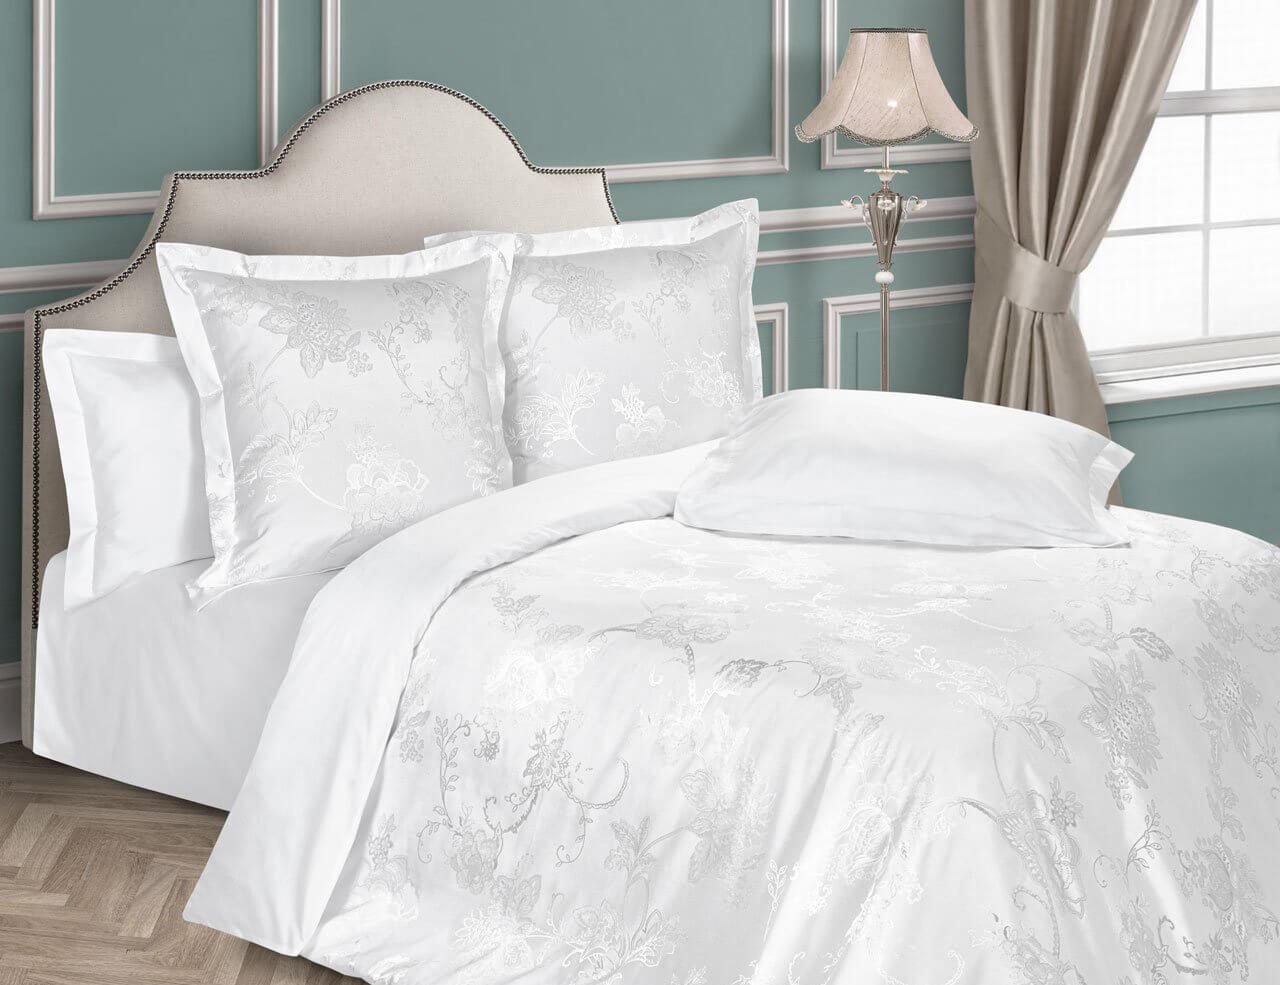 Недорогое постельное бельё